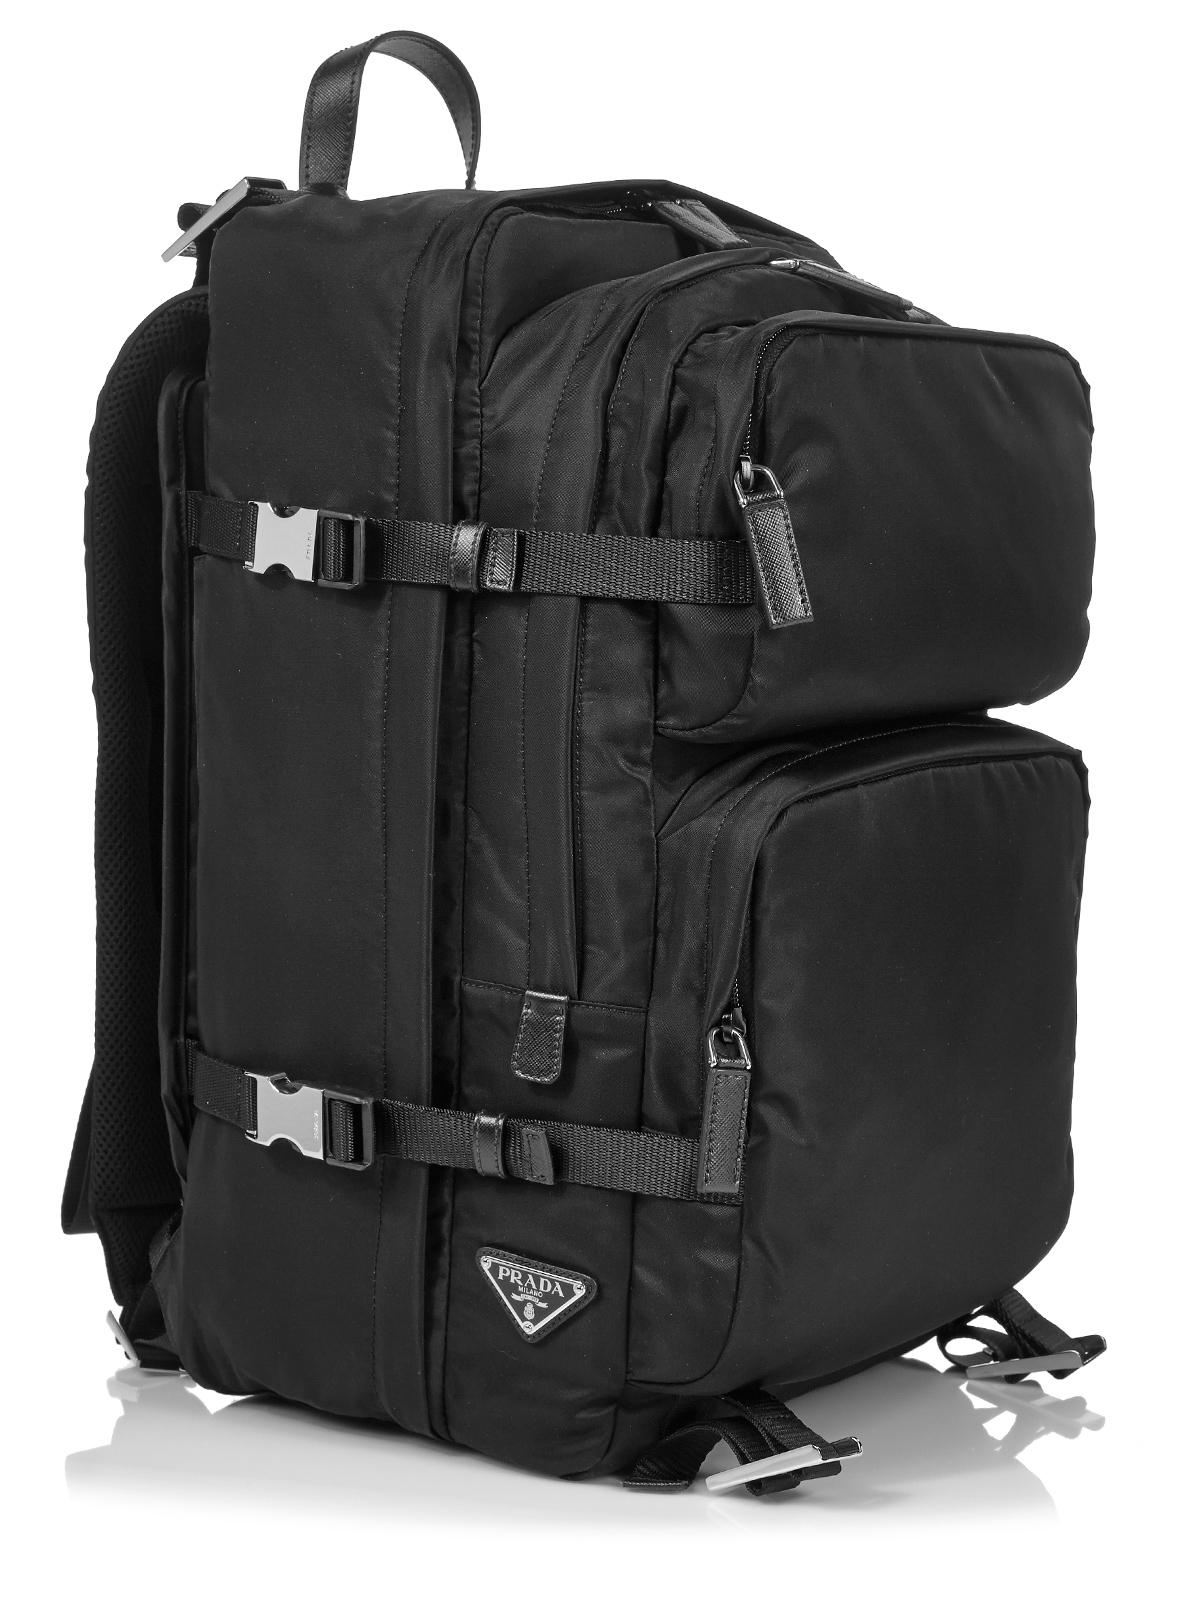 d3109e303b795 Black Prada Bag